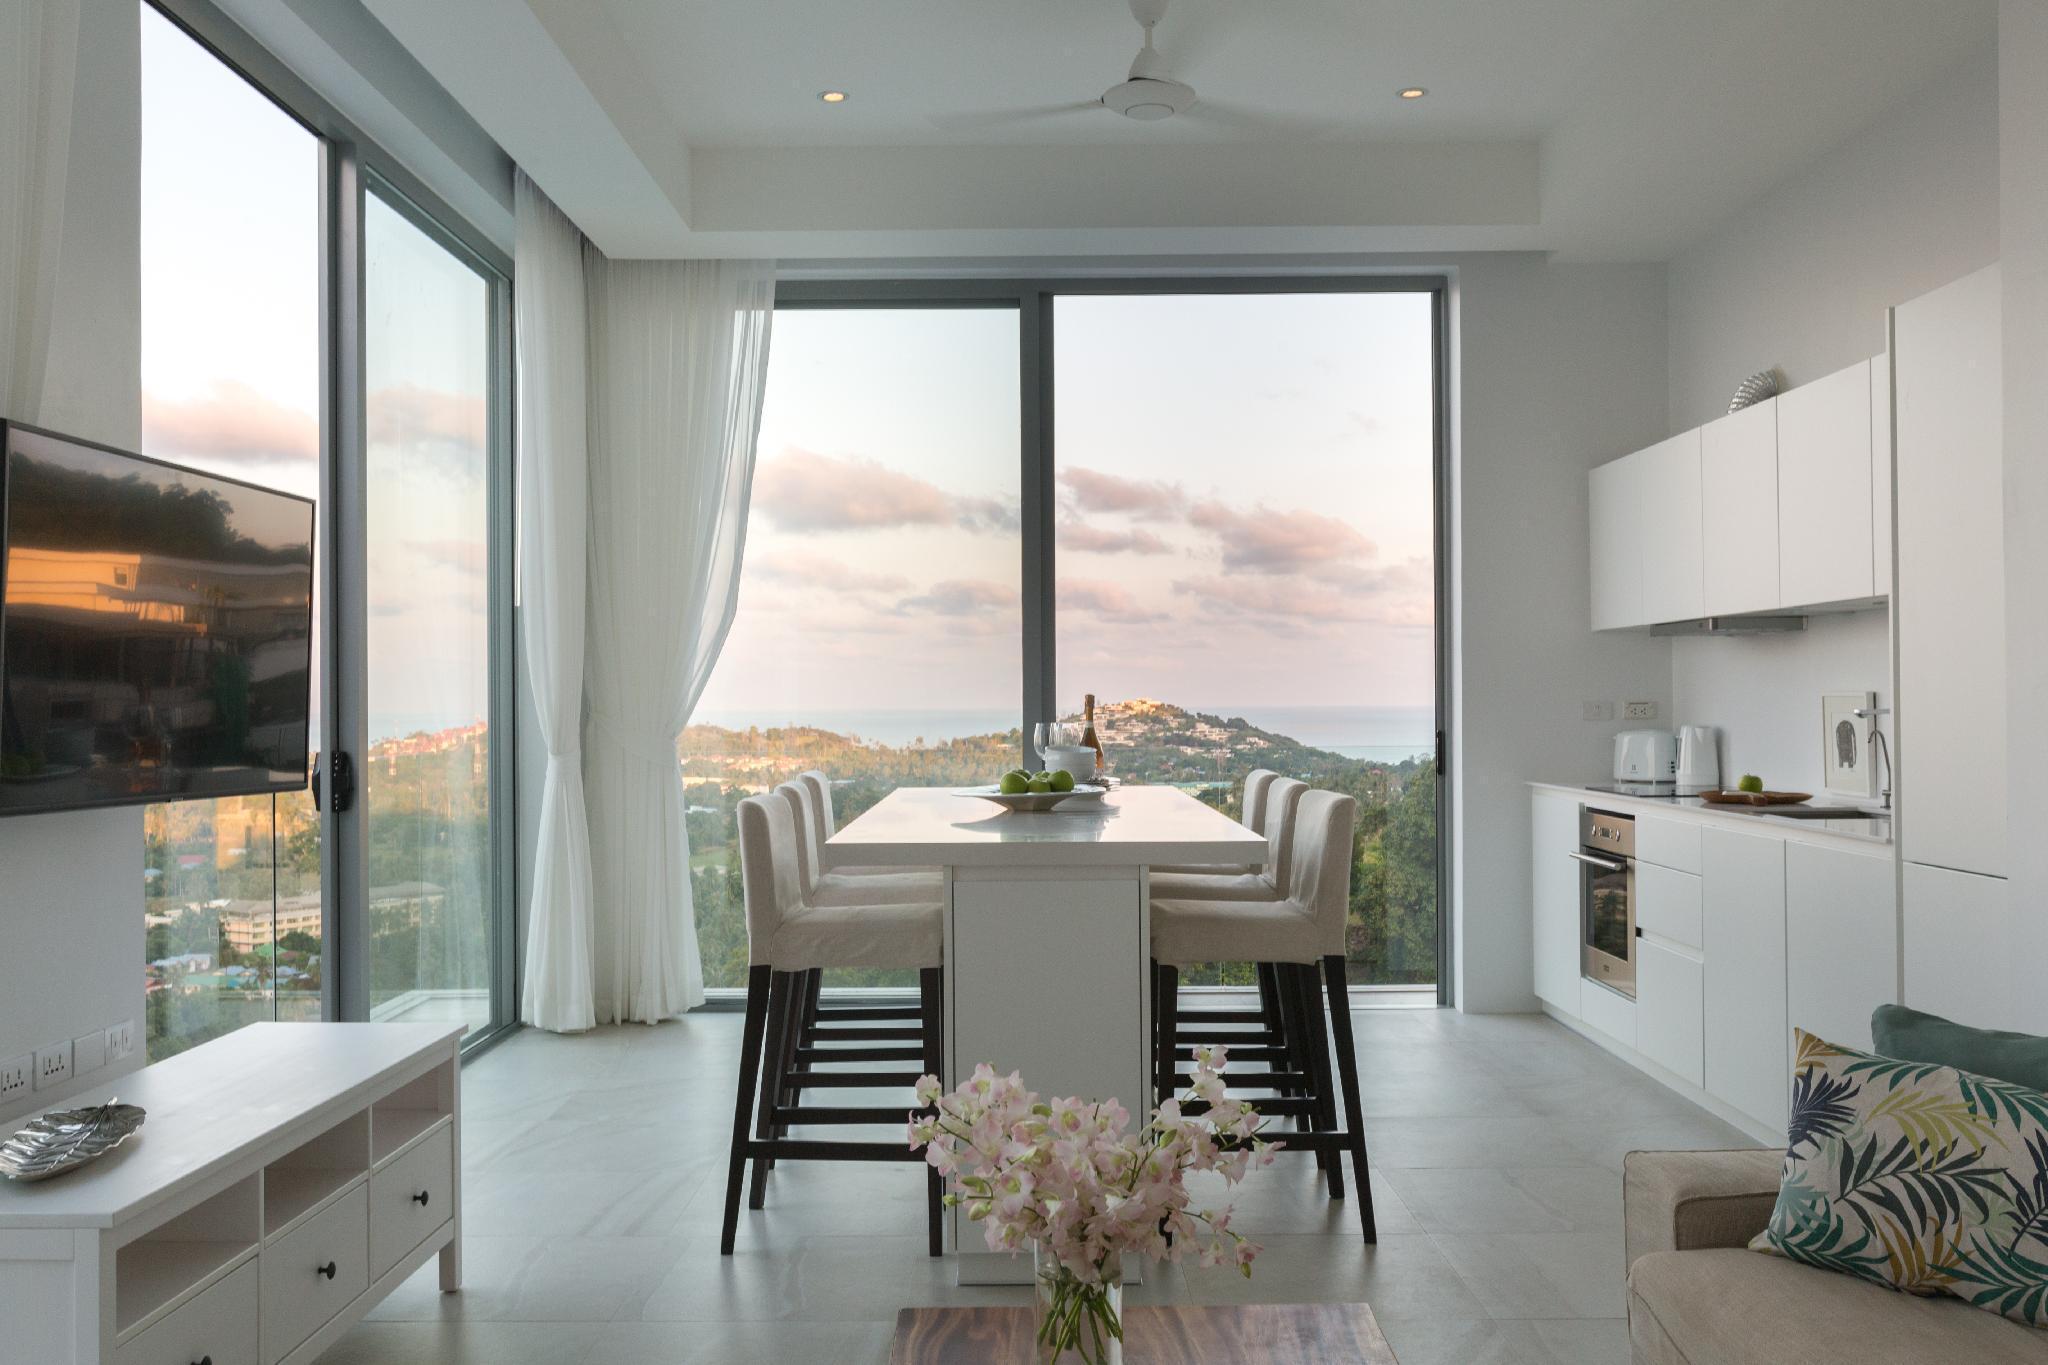 Sam-kah Residence 8 Suite 2 อพาร์ตเมนต์ 2 ห้องนอน 2 ห้องน้ำส่วนตัว ขนาด 125 ตร.ม. – เชิงมน